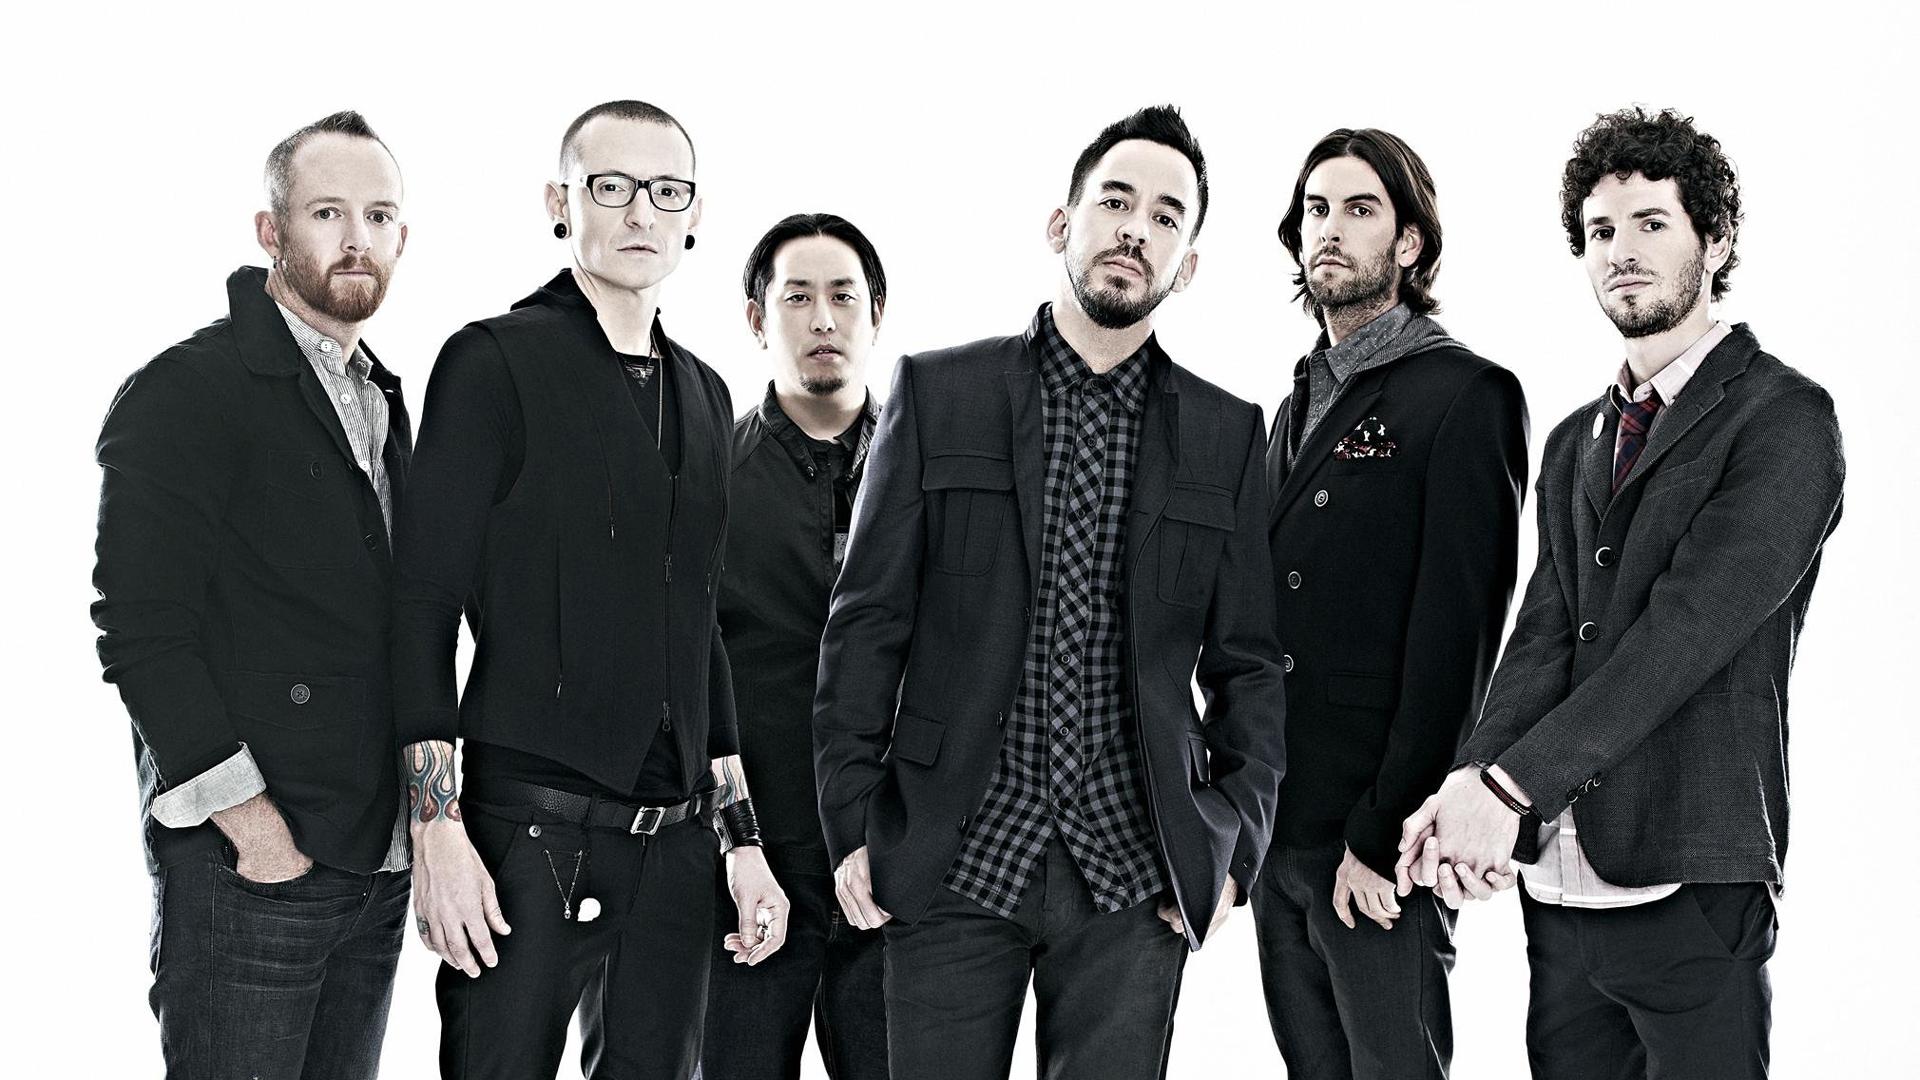 Linkin Park Hd Desktop Wallpaper Linkin Park Members 2018